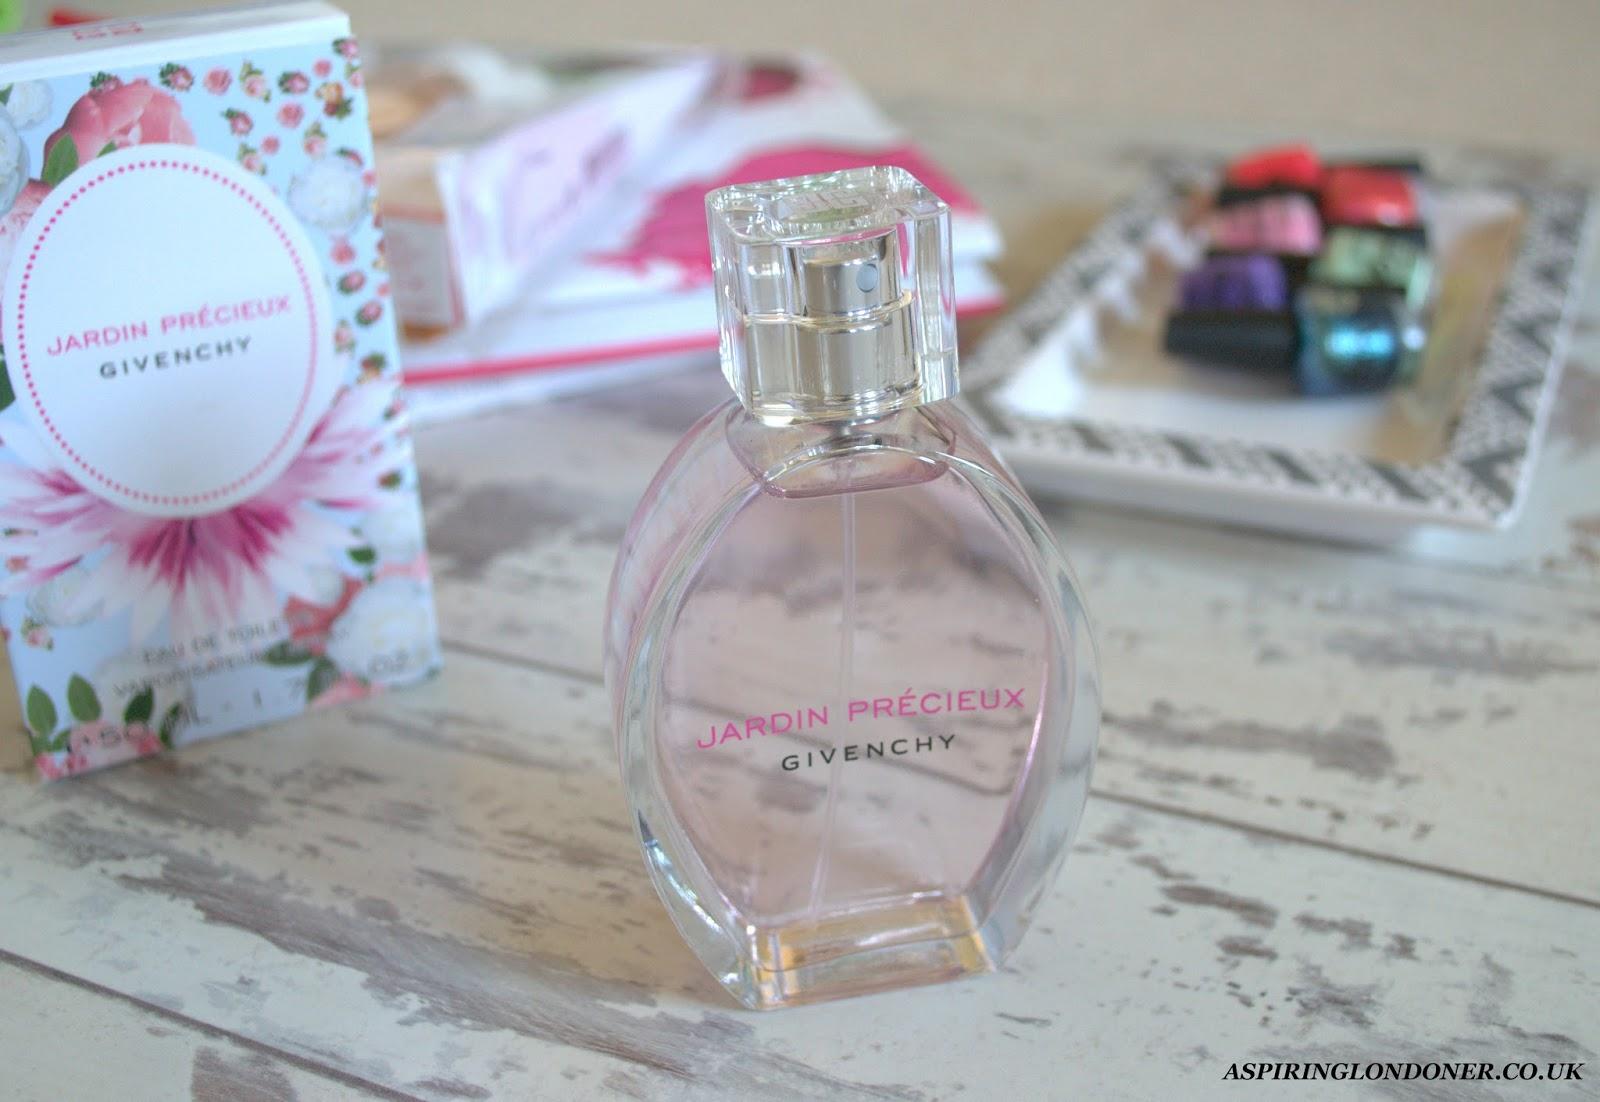 Givenchy Jardin Precieux EDT - Aspiring Londoner